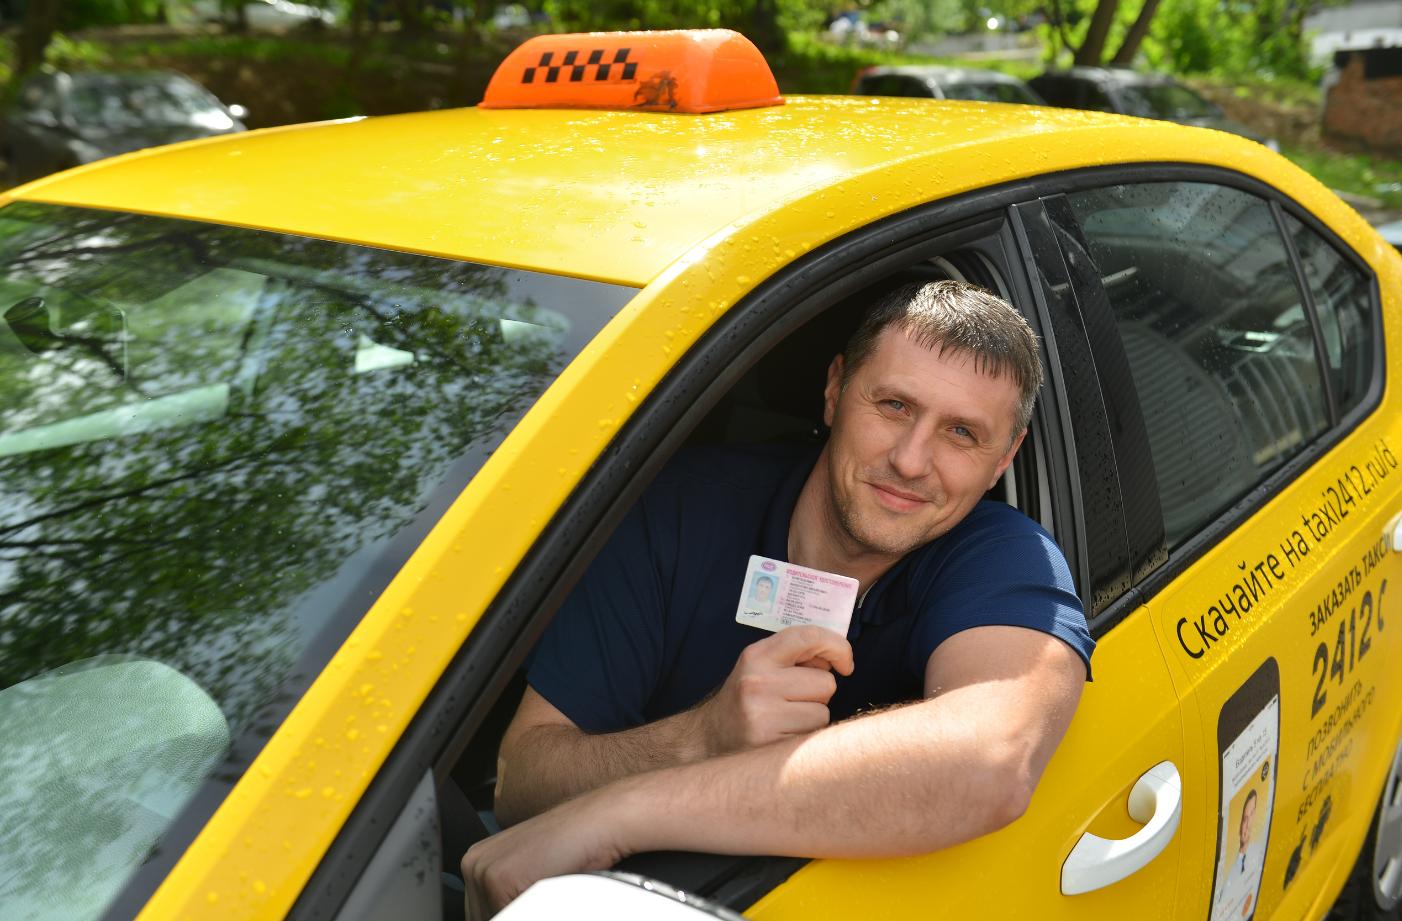 Как самозанятому сделать лицензию на такси в москве самостоятельно